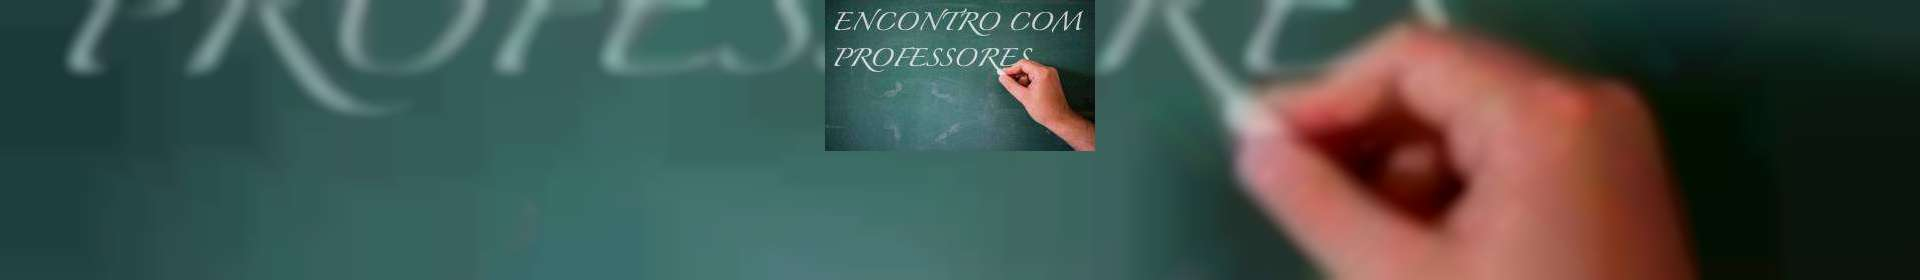 A assistência - Encontro com Professores